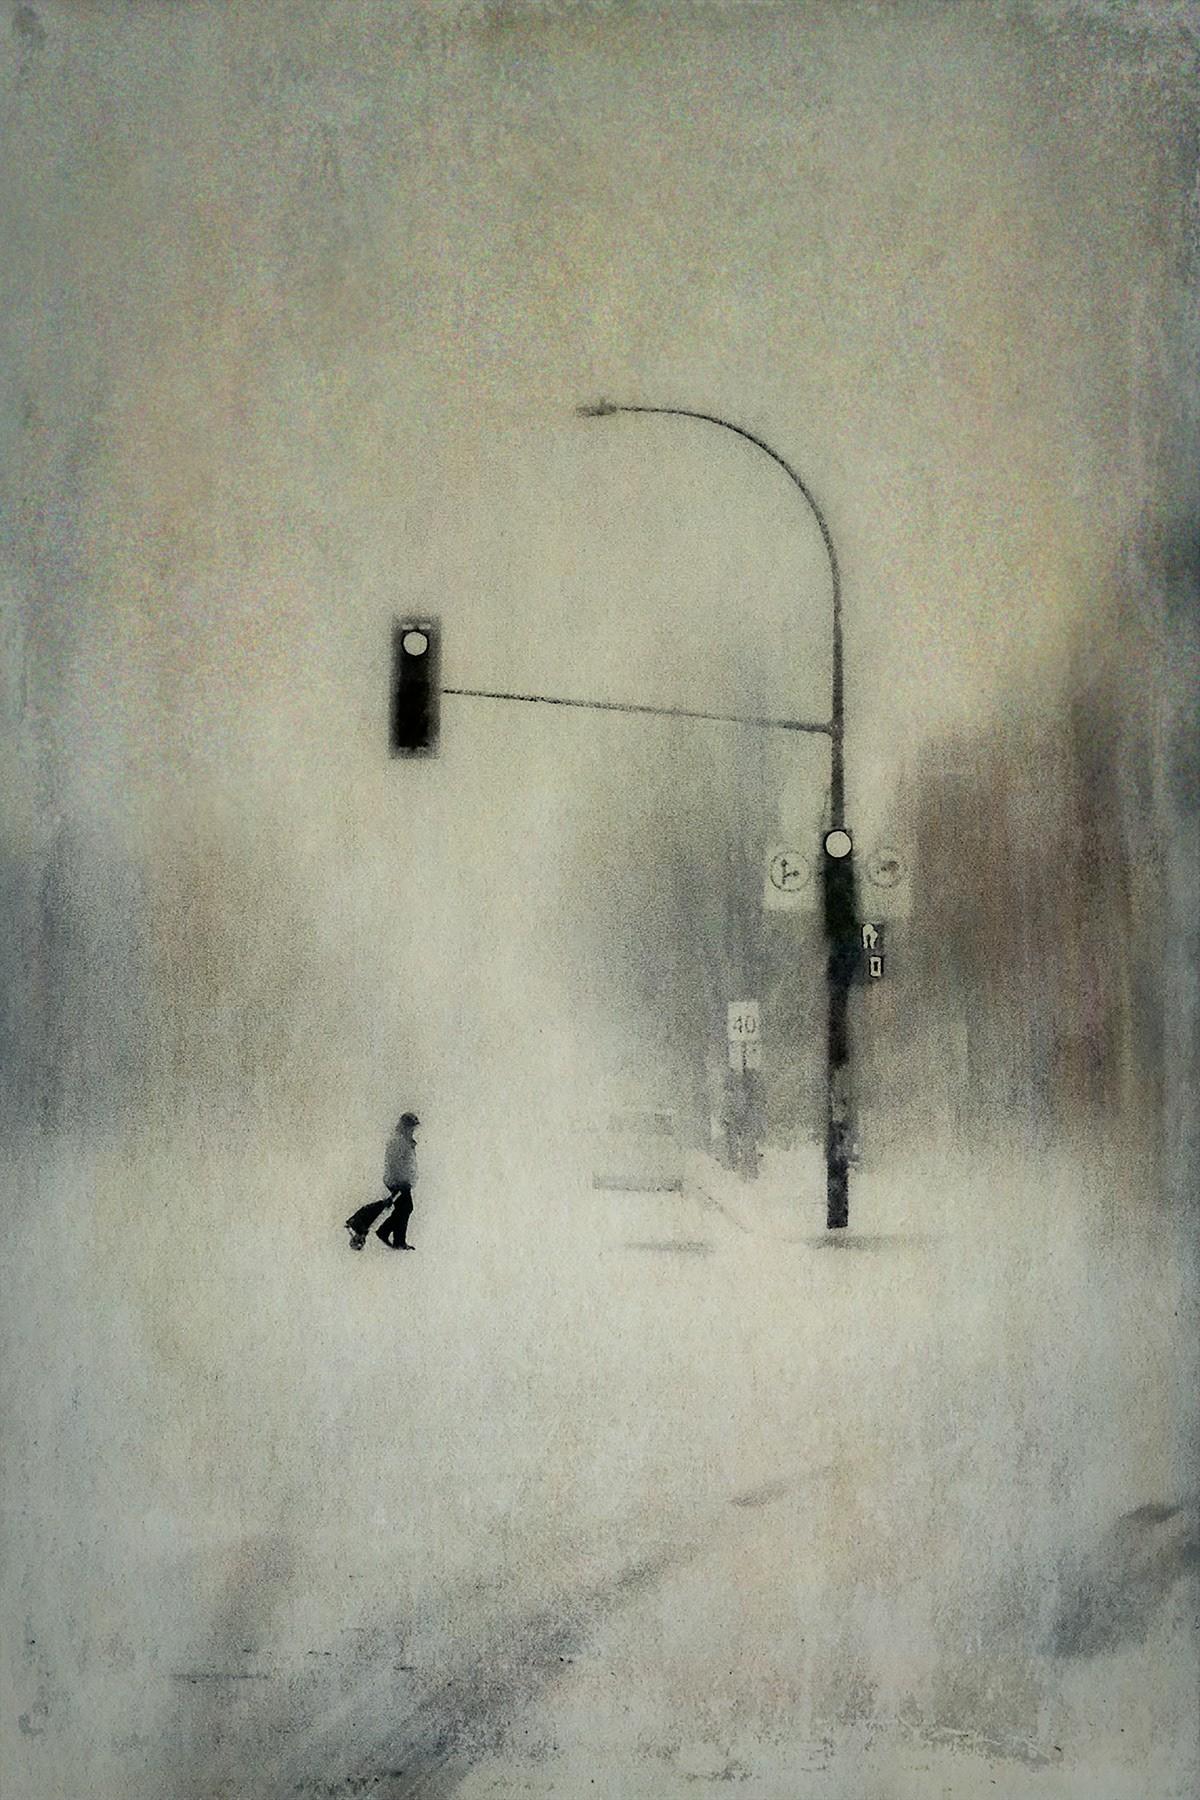 Метель. Автор Даниэль Кастонгуэй